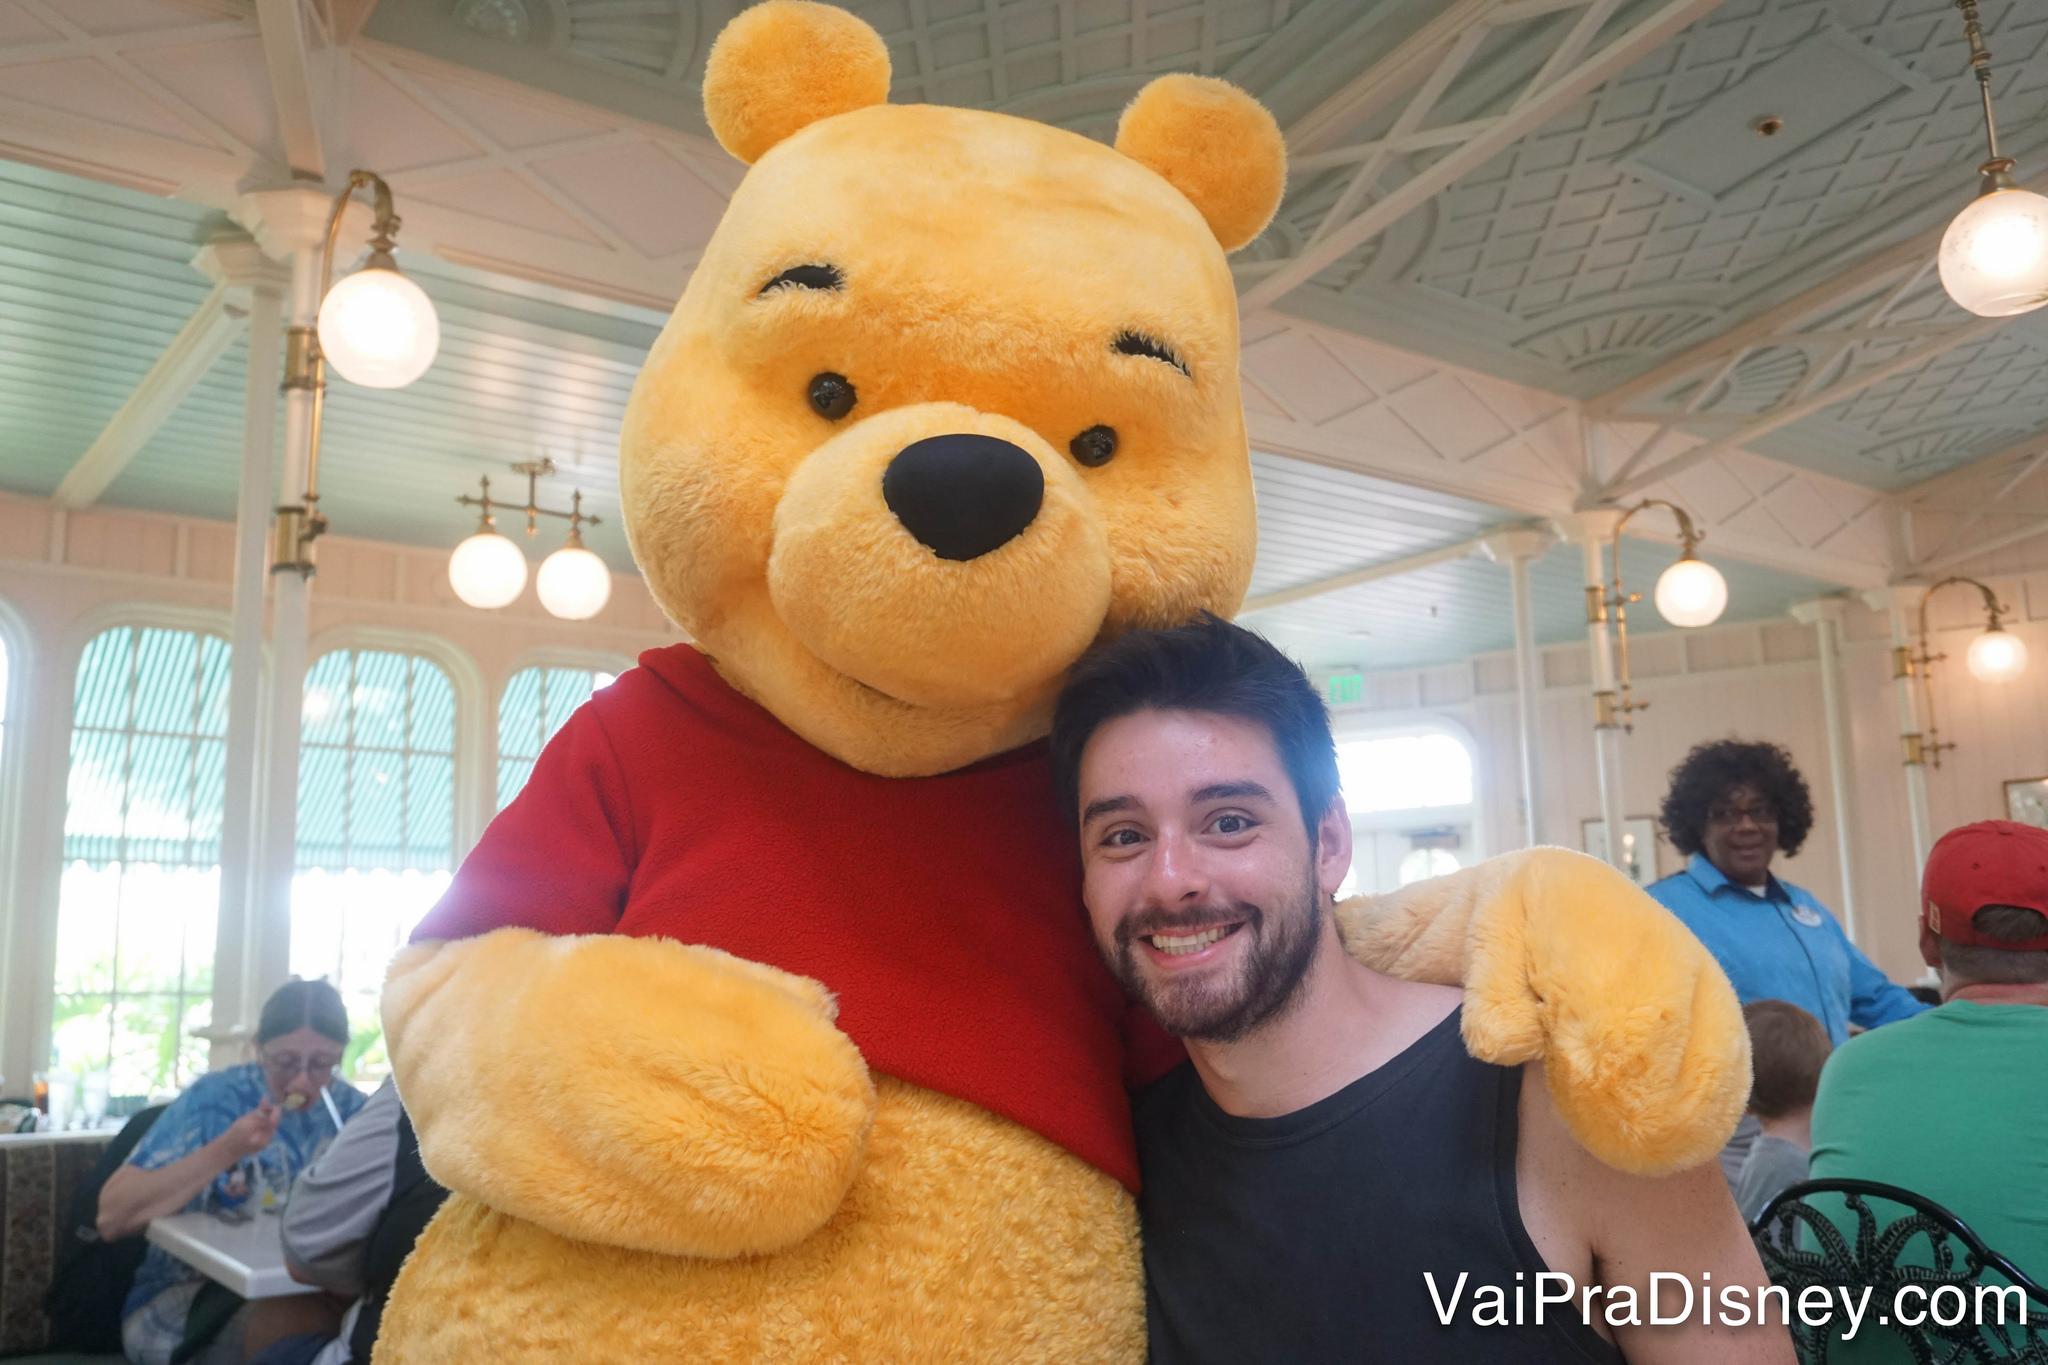 Foto do Felipe abraçado ao Ursinho Pooh no Crystal Palace